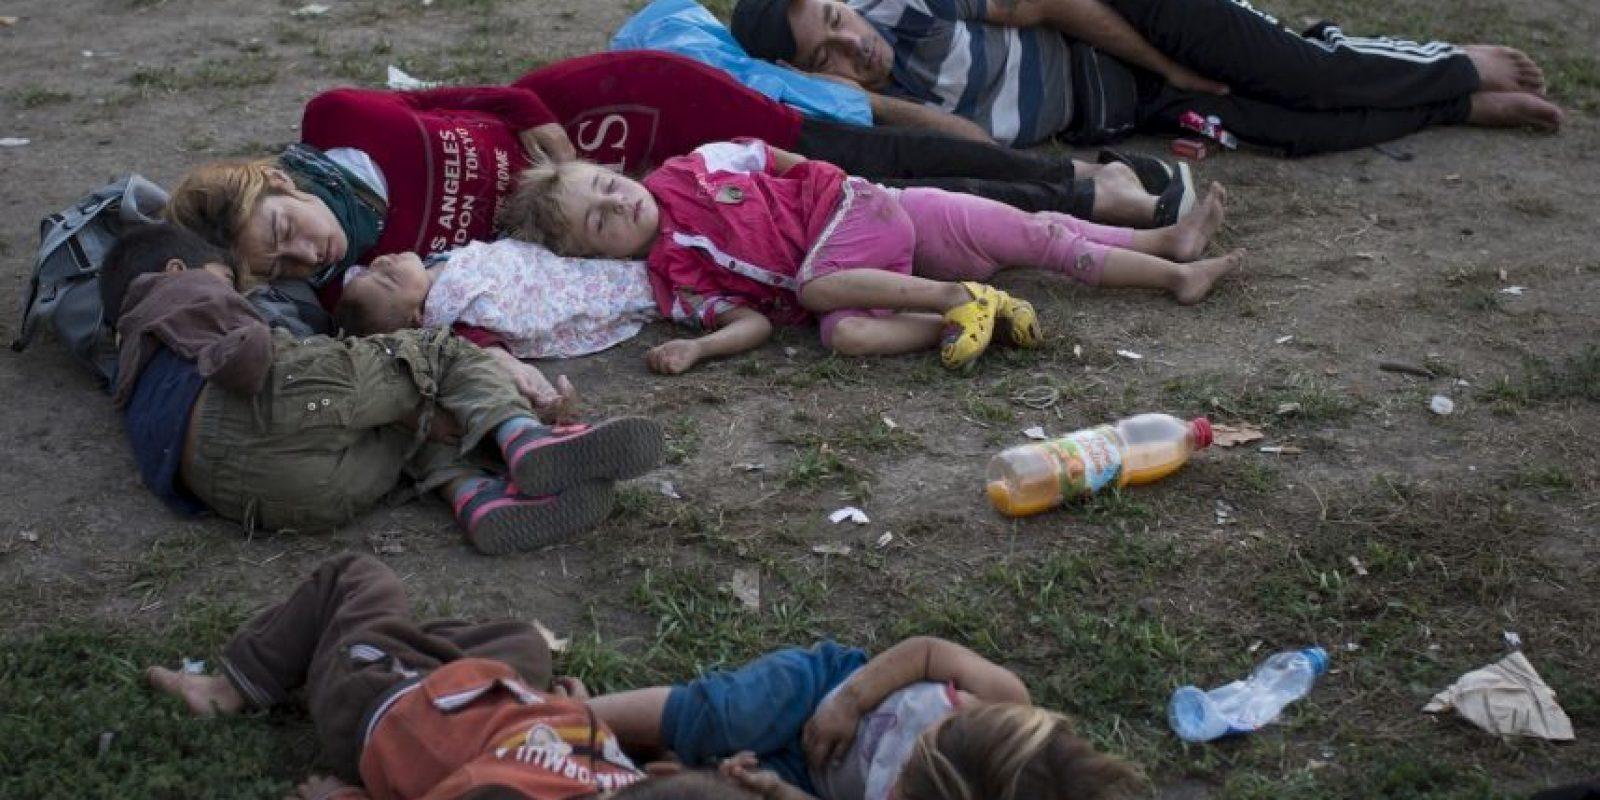 Familia de migrantes duerme en el suelo en Serbia. Foto:AP